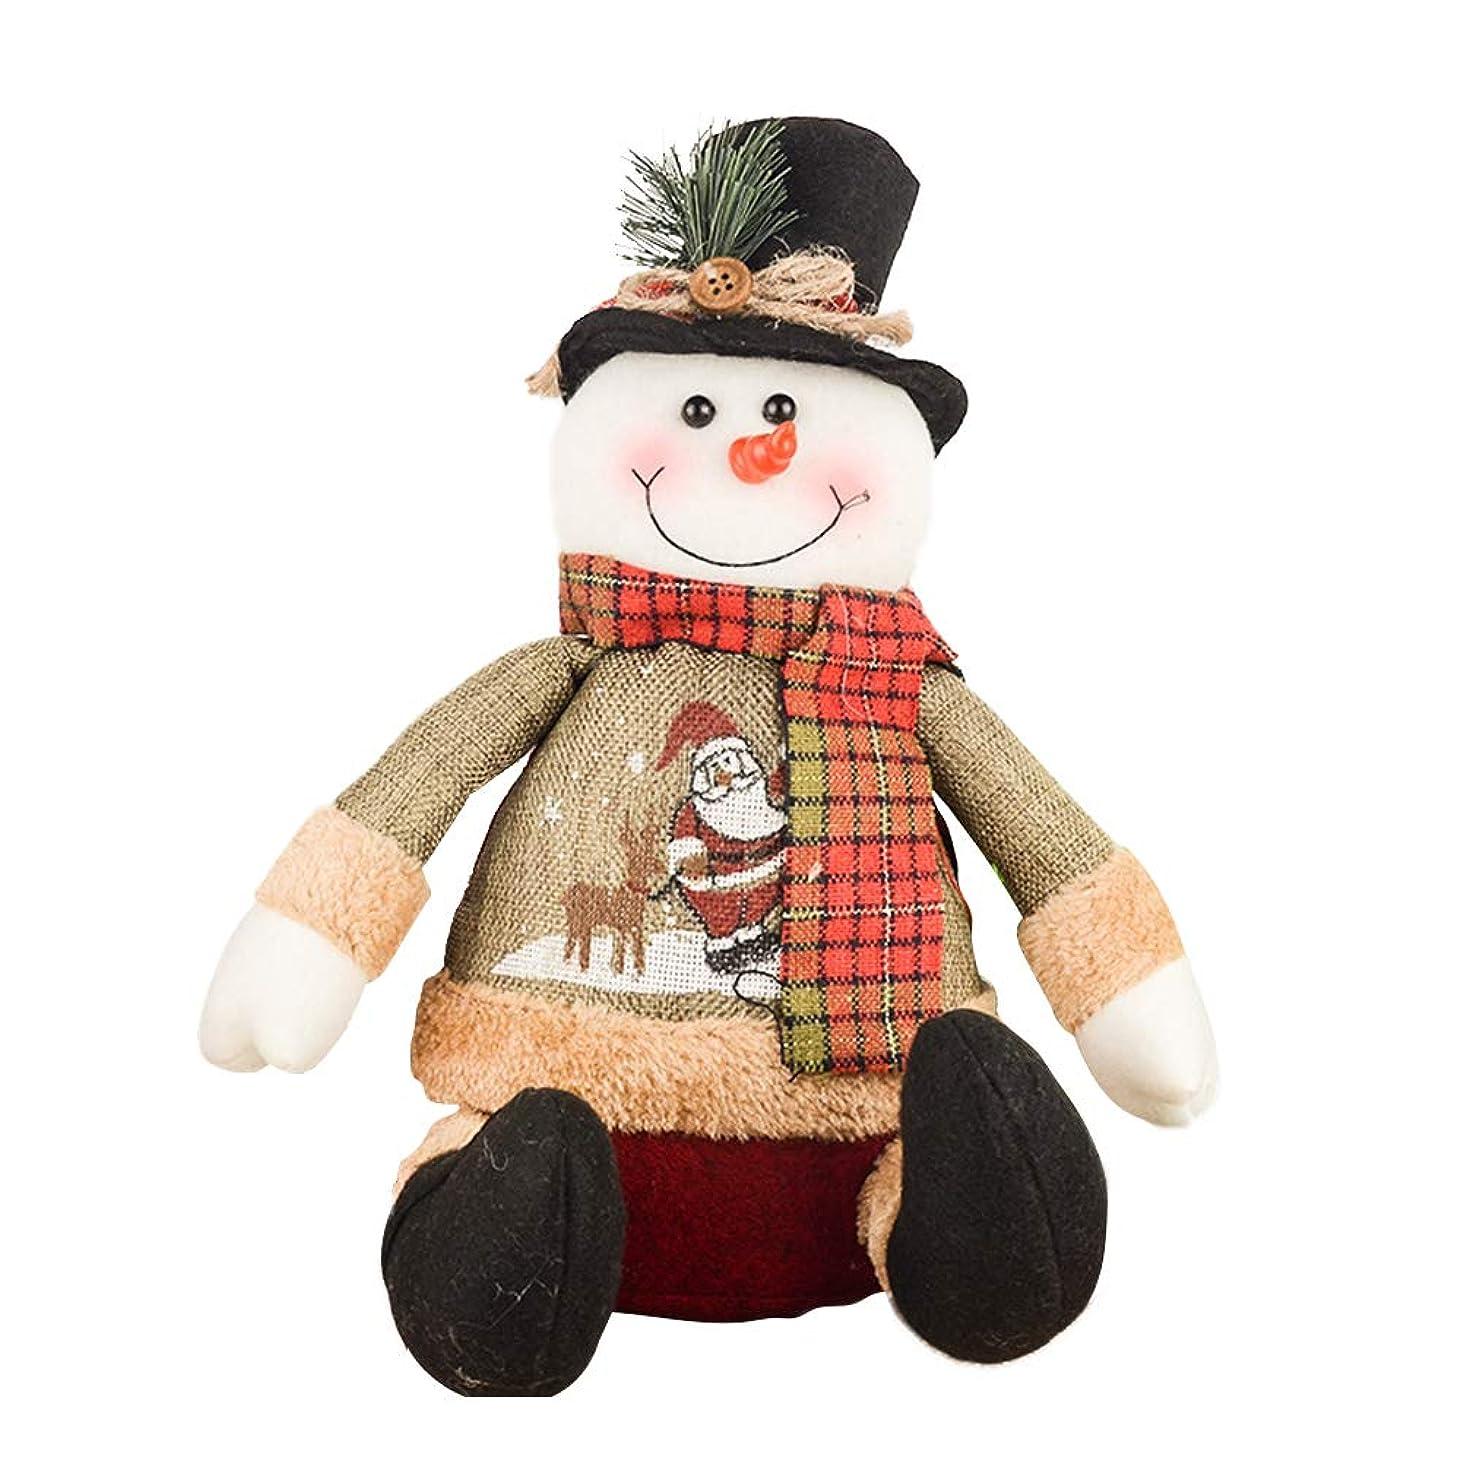 特派員言い訳懺悔PROKTH クリスマスデコレーション 可愛いサンタクロース 雪だまる おもちゃ クリスマス装飾 プレゼント インテリア飾りインテリア飾り クリスマス雰囲気満載 単品